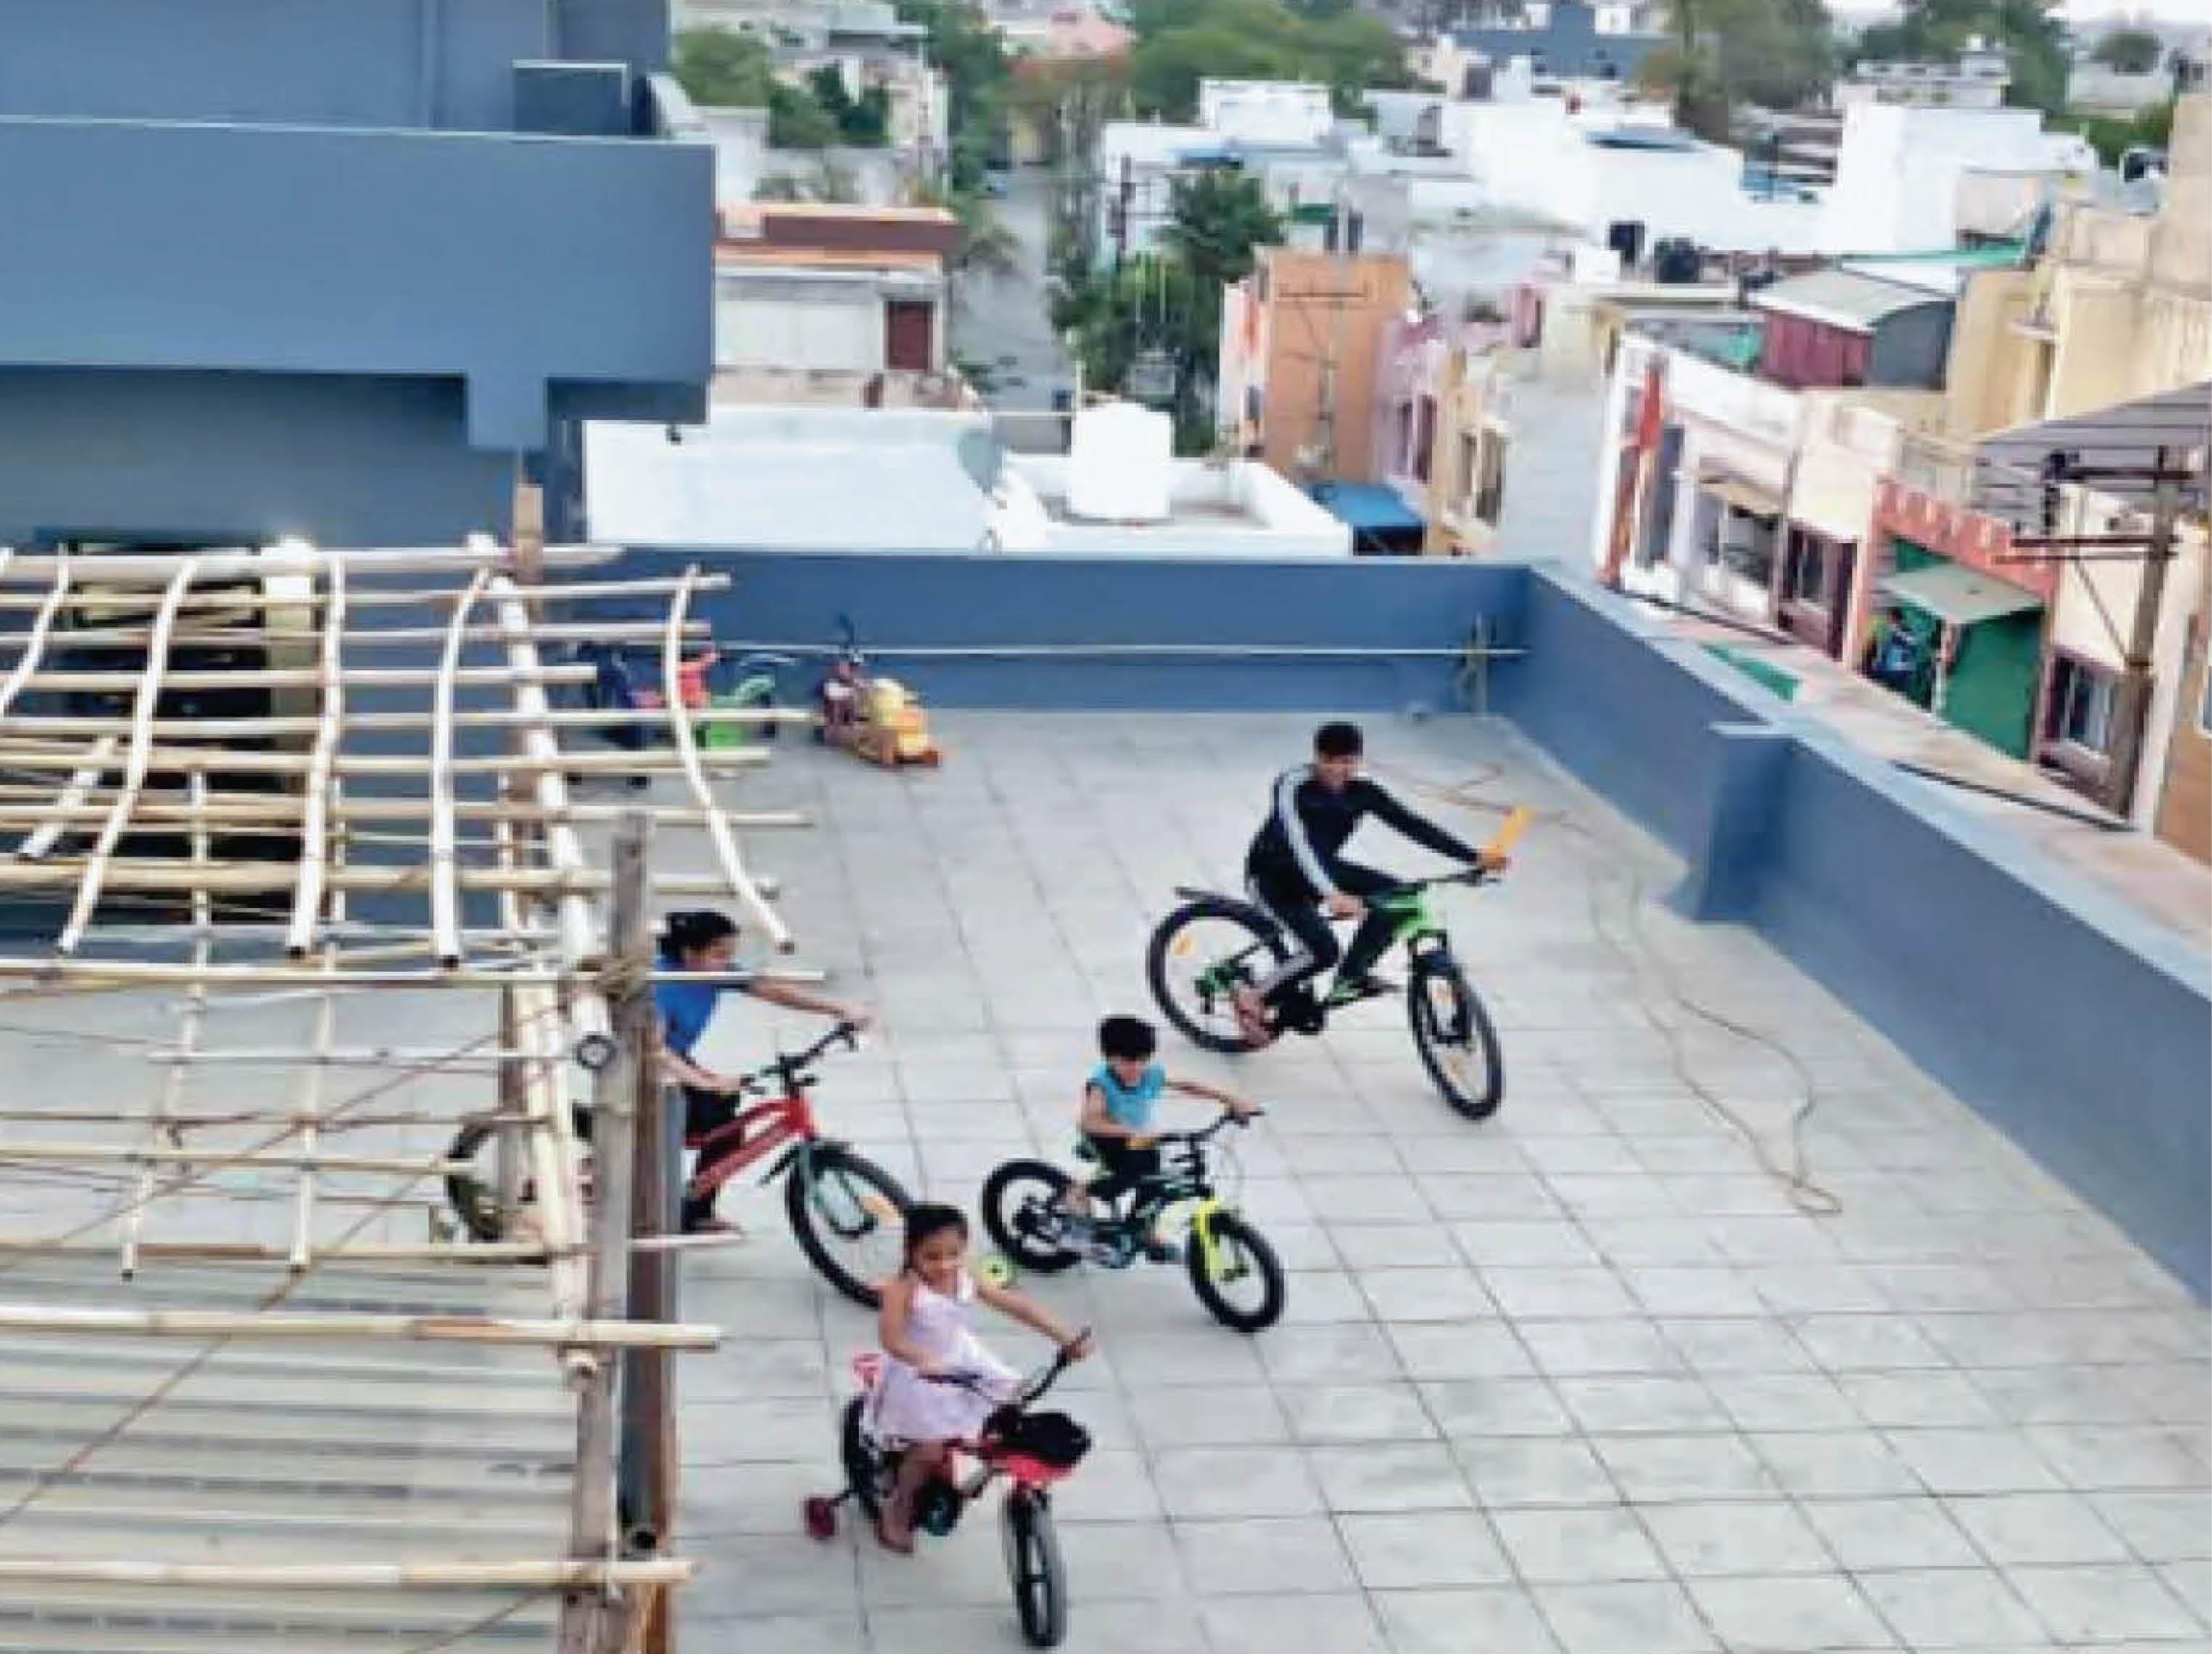 खंडवा रोड स्थित श्री कृष्णा एवेन्यू कॉलोनी को माइक्रो कंटेनमेंट एरिया बनाने पर शाम होते ही बच्चे अपना मनोरंजन करने छतों पर साइकिल चलाते हैं। - Dainik Bhaskar